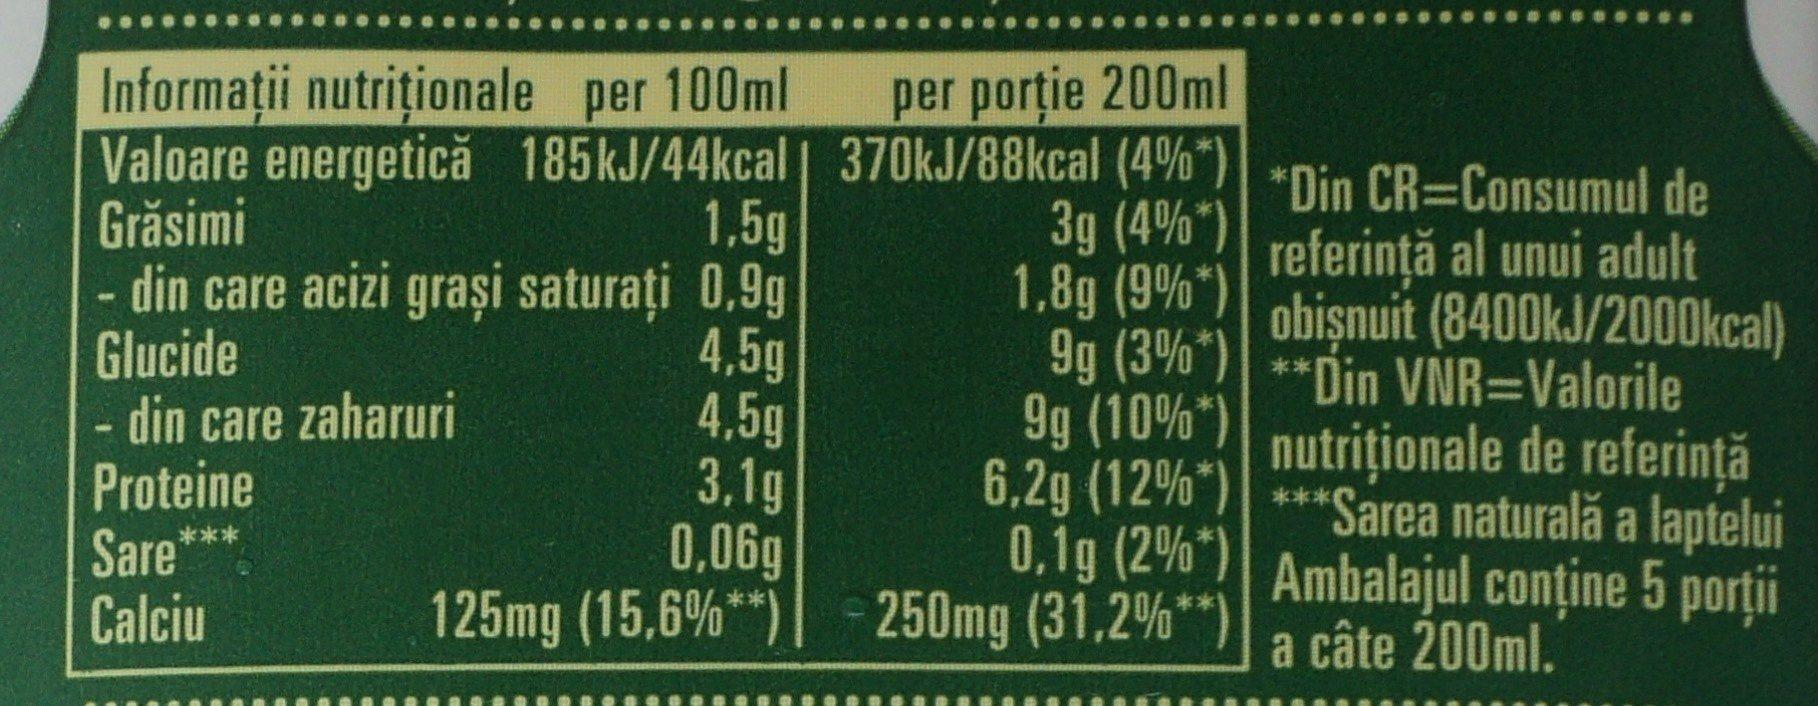 Napolact Lapte de consum ecologic 1,5% - Información nutricional - ro